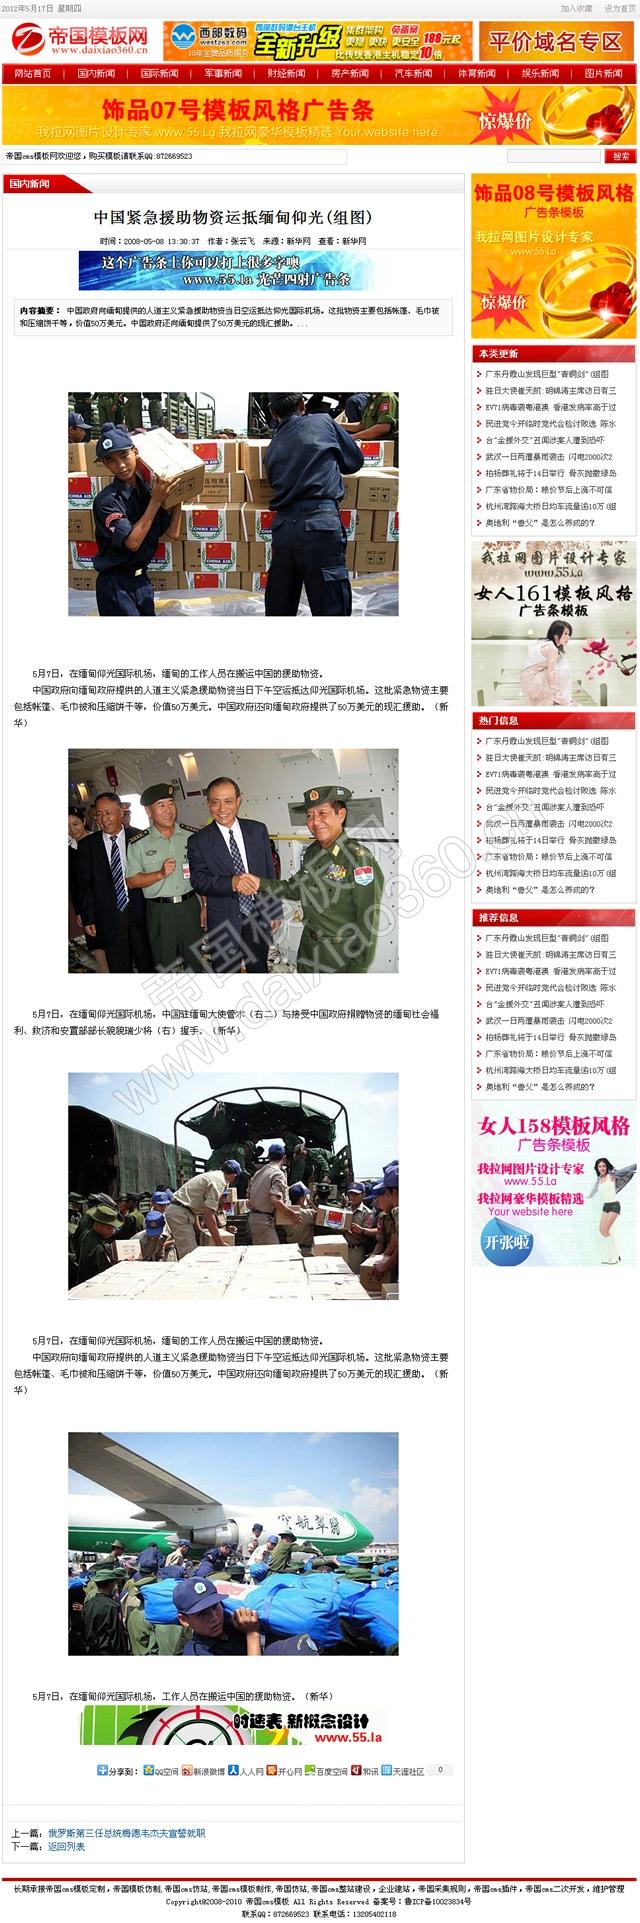 帝国cms红色大气资讯新闻文章模板_内容页